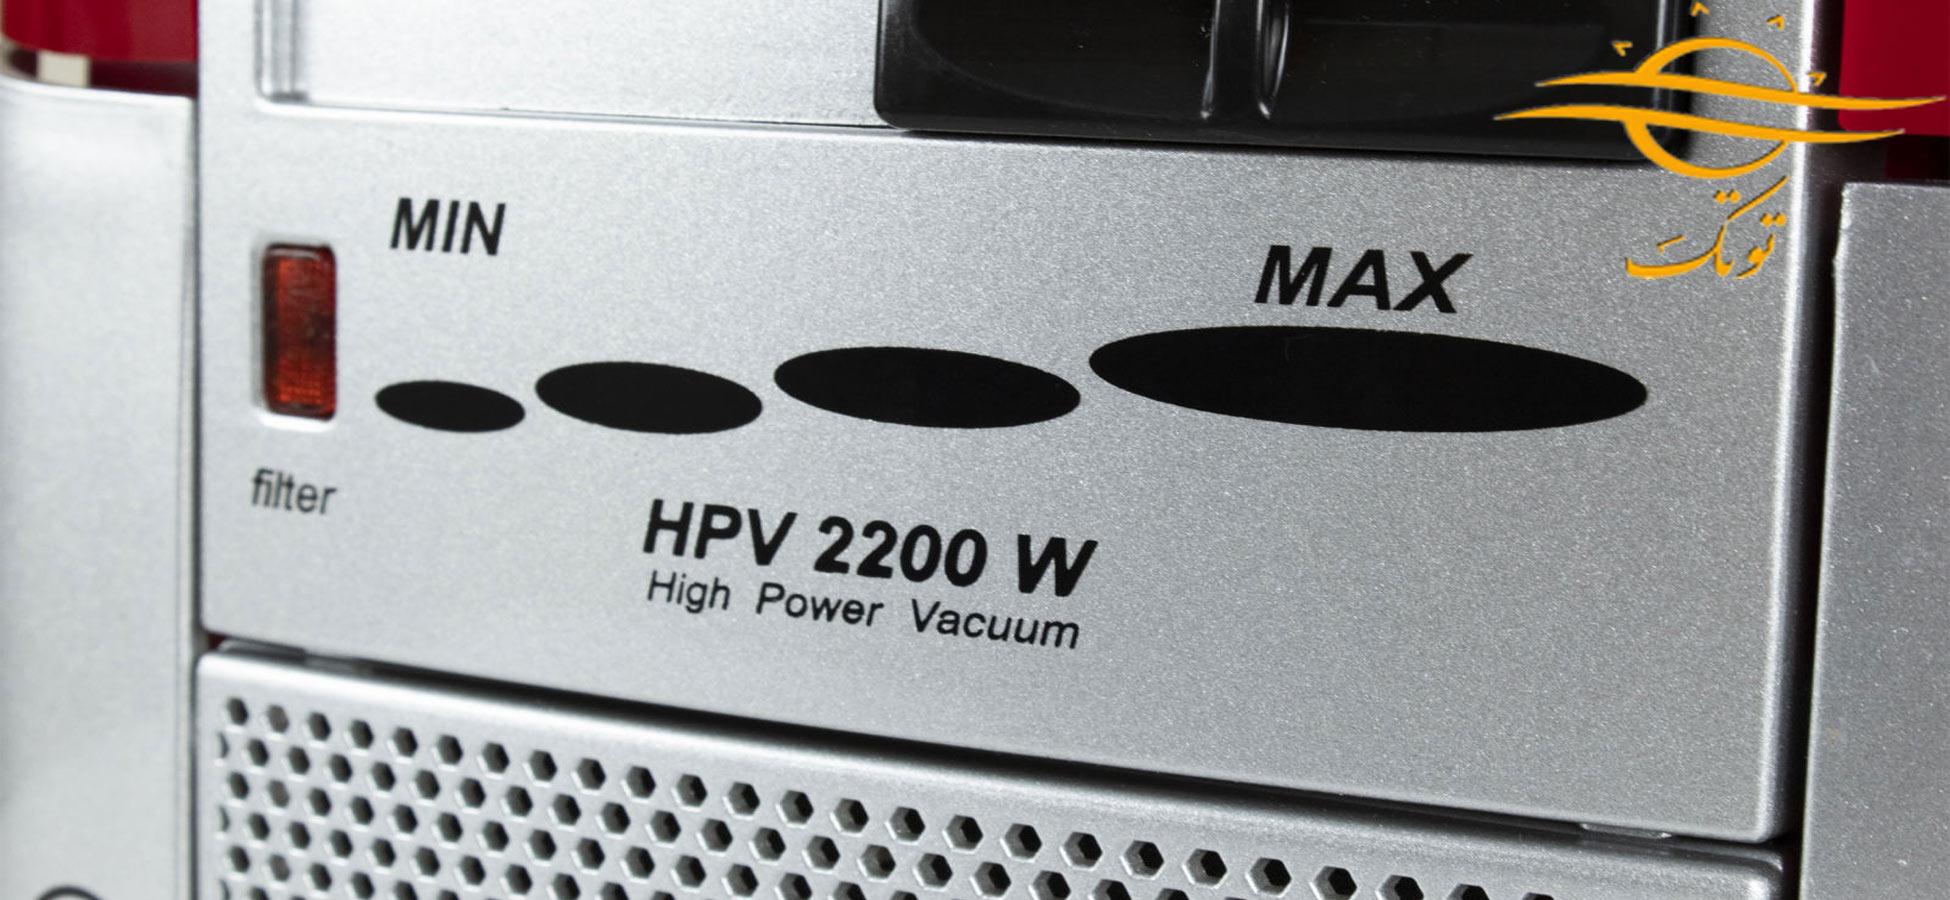 پاکت جاروبرقی خزر مدل HPV 2200W